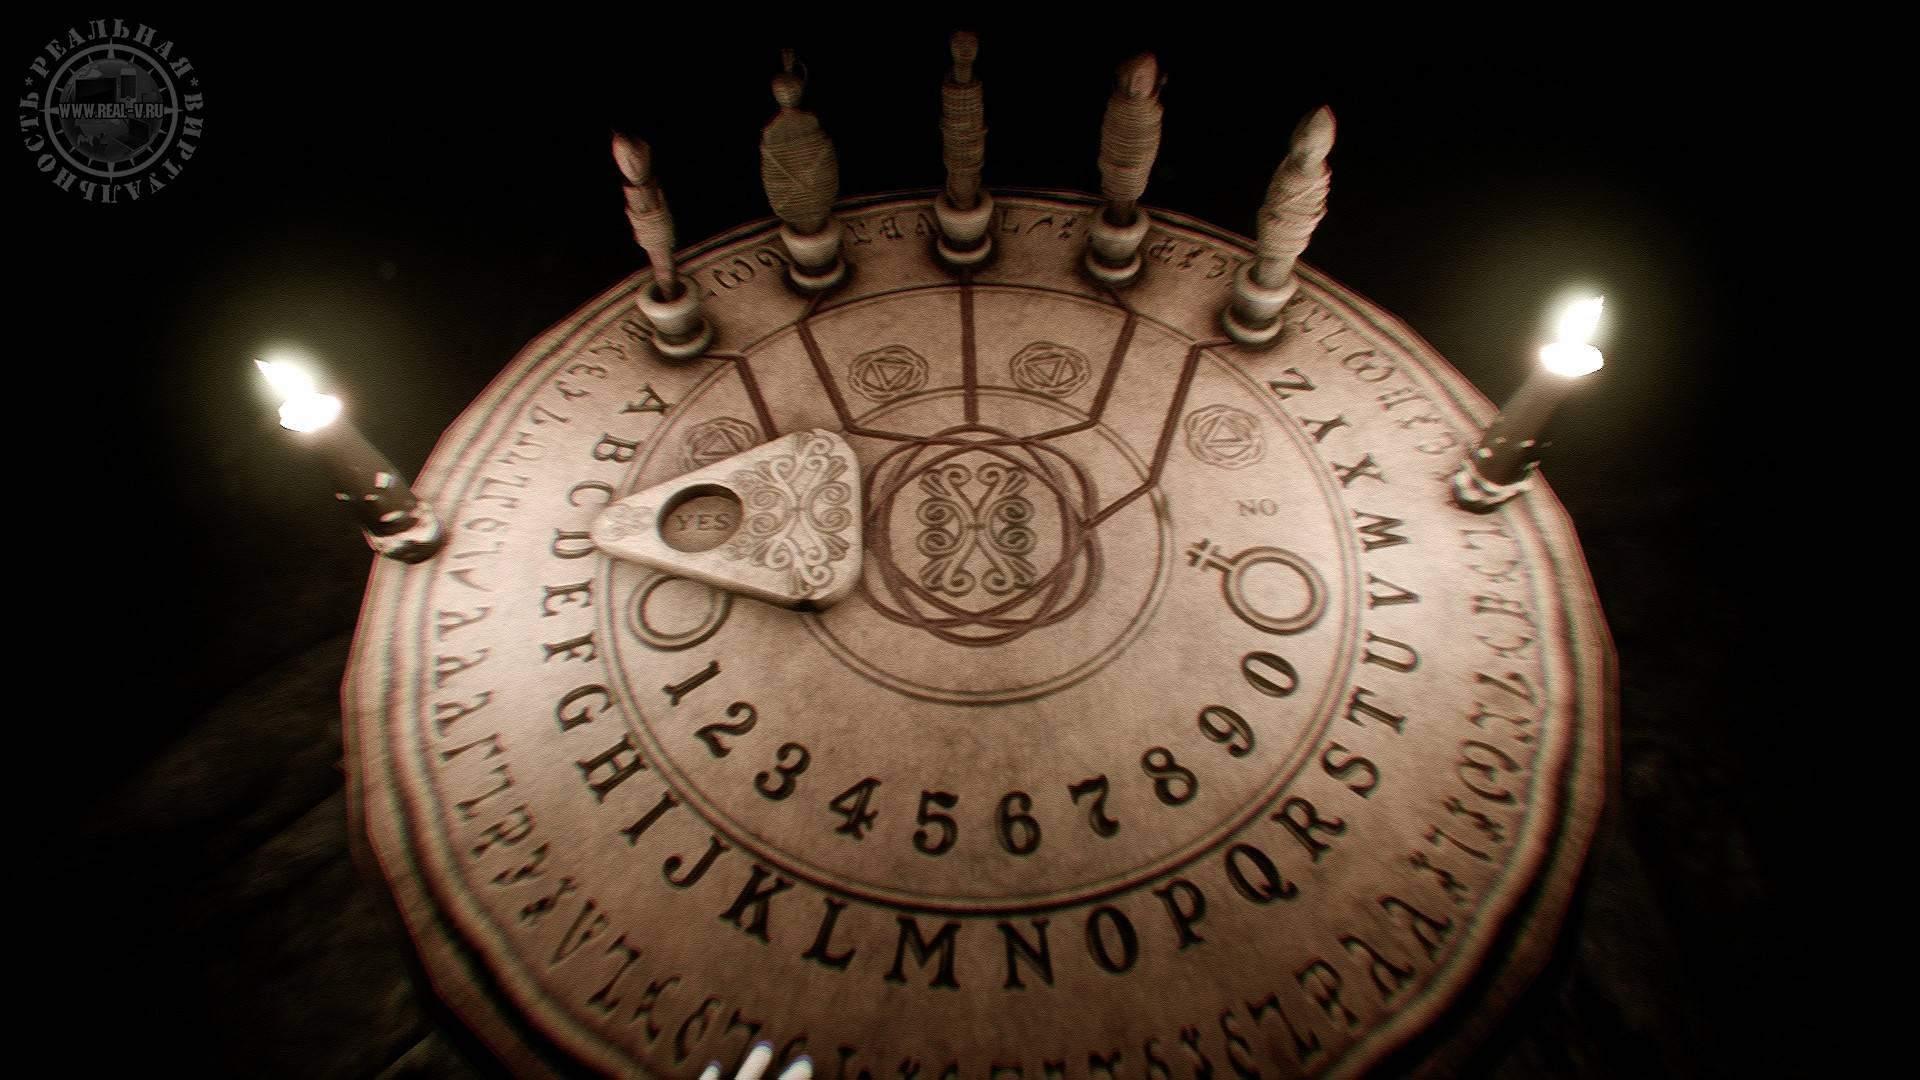 Гадание на блюдце с алфавитом и без, правила вызова духов